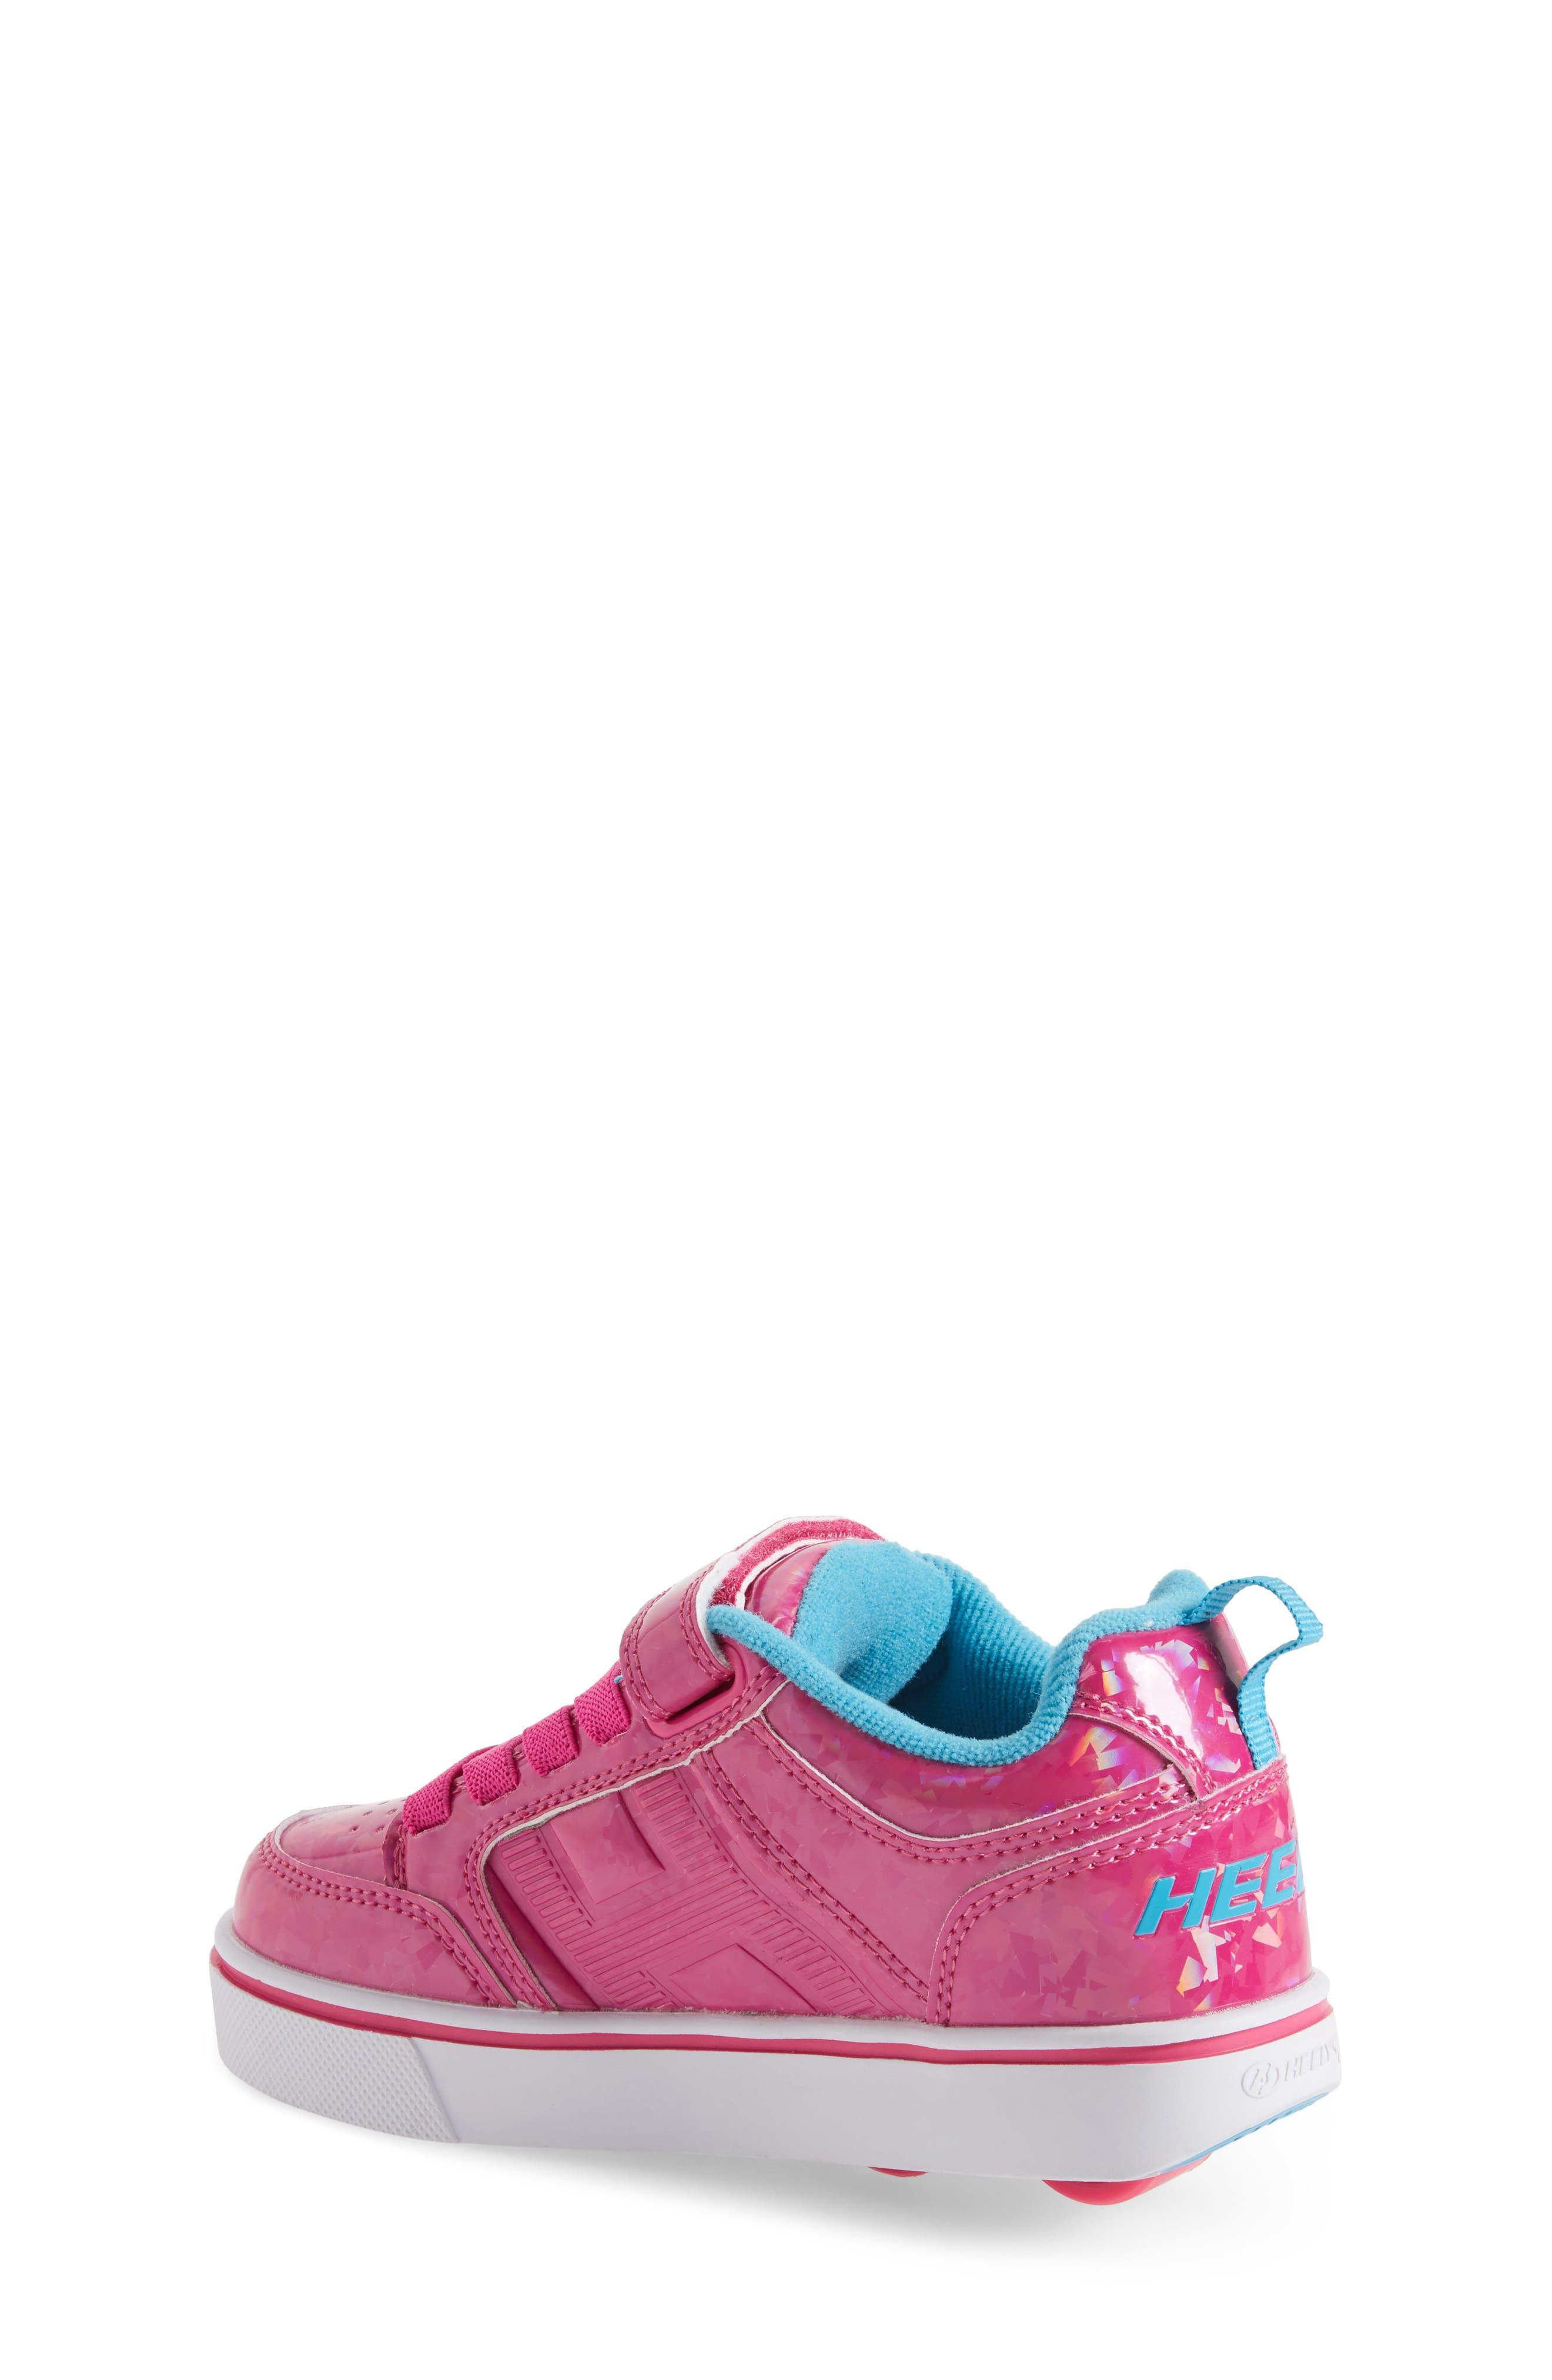 Bolt Plus X2 Light-Up Skate Sneaker,                             Alternate thumbnail 2, color,                             Hot Pink Hologram/ Neon Blue